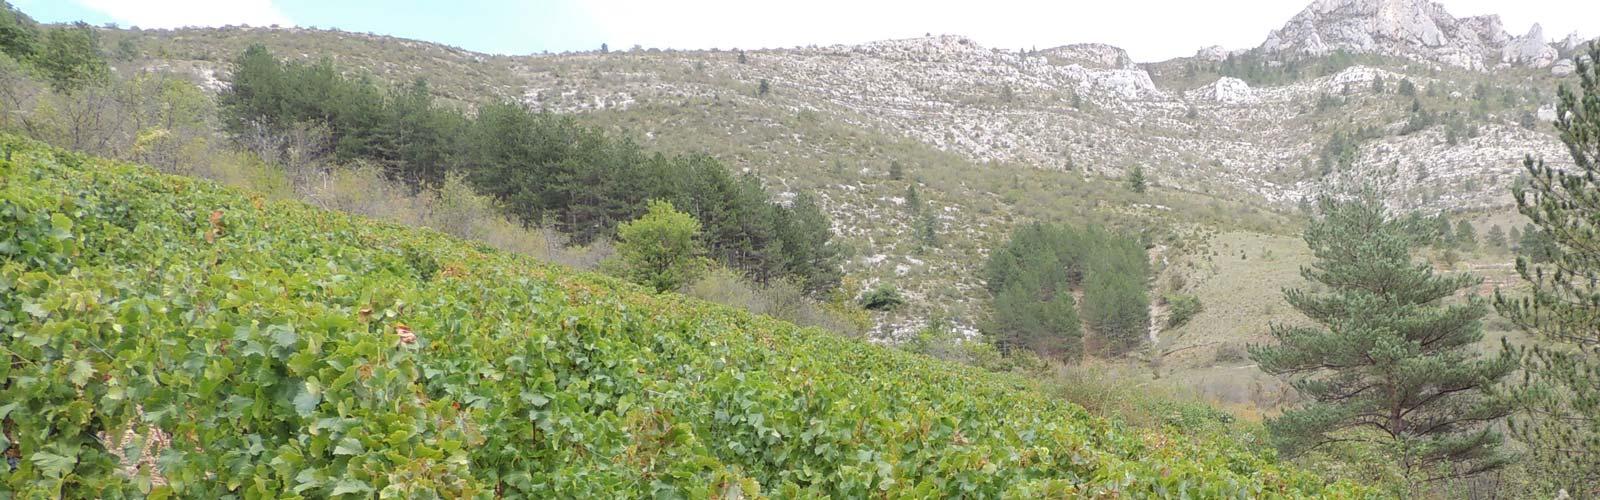 Rando dans les Gorges du Tarn